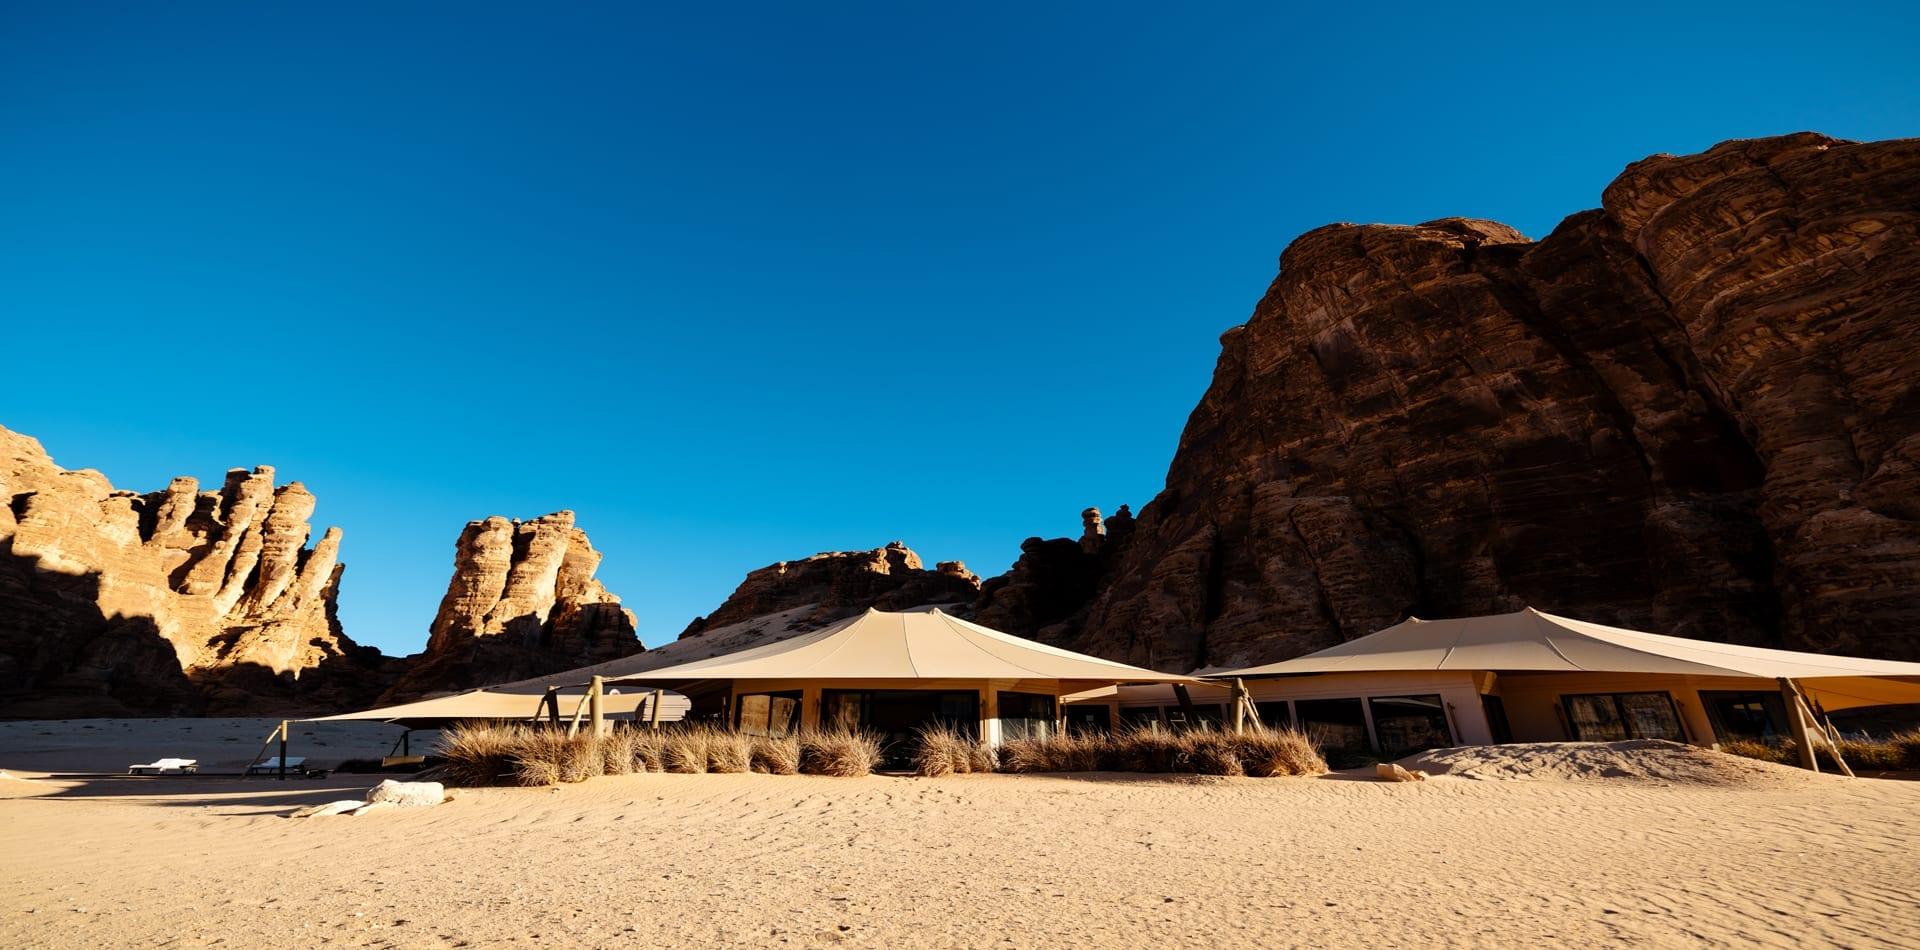 Ashar Resort Exterior View Hero Image Al Ula Saudi Arabia